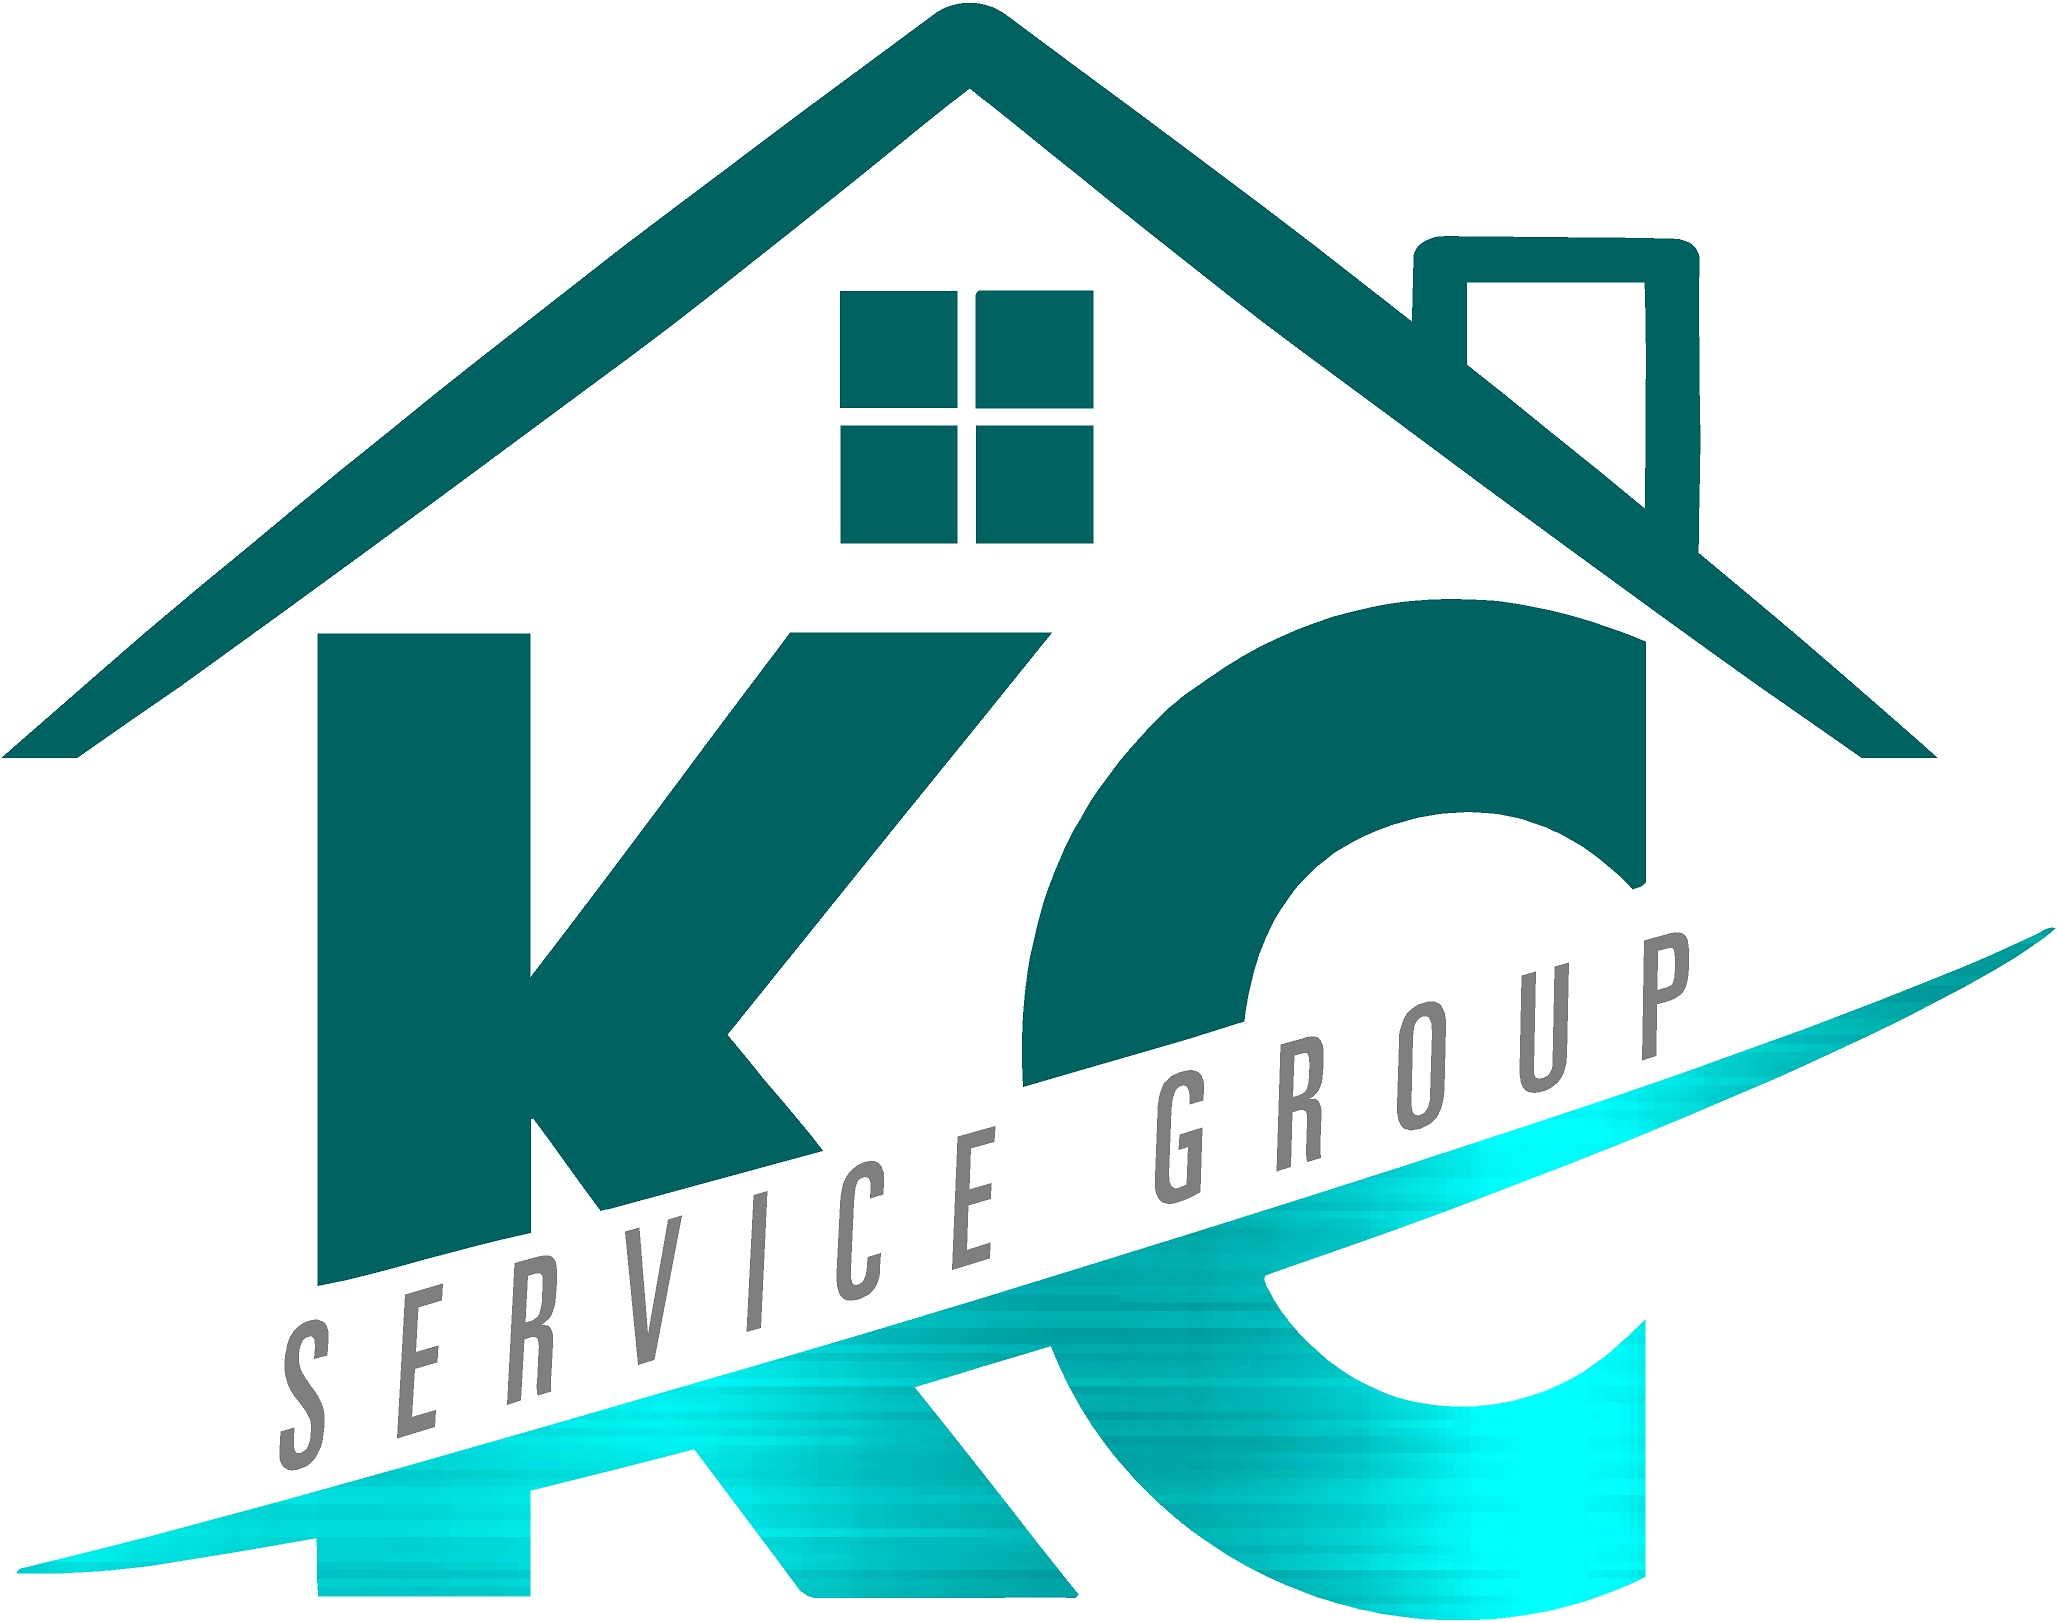 KC Services Group logo